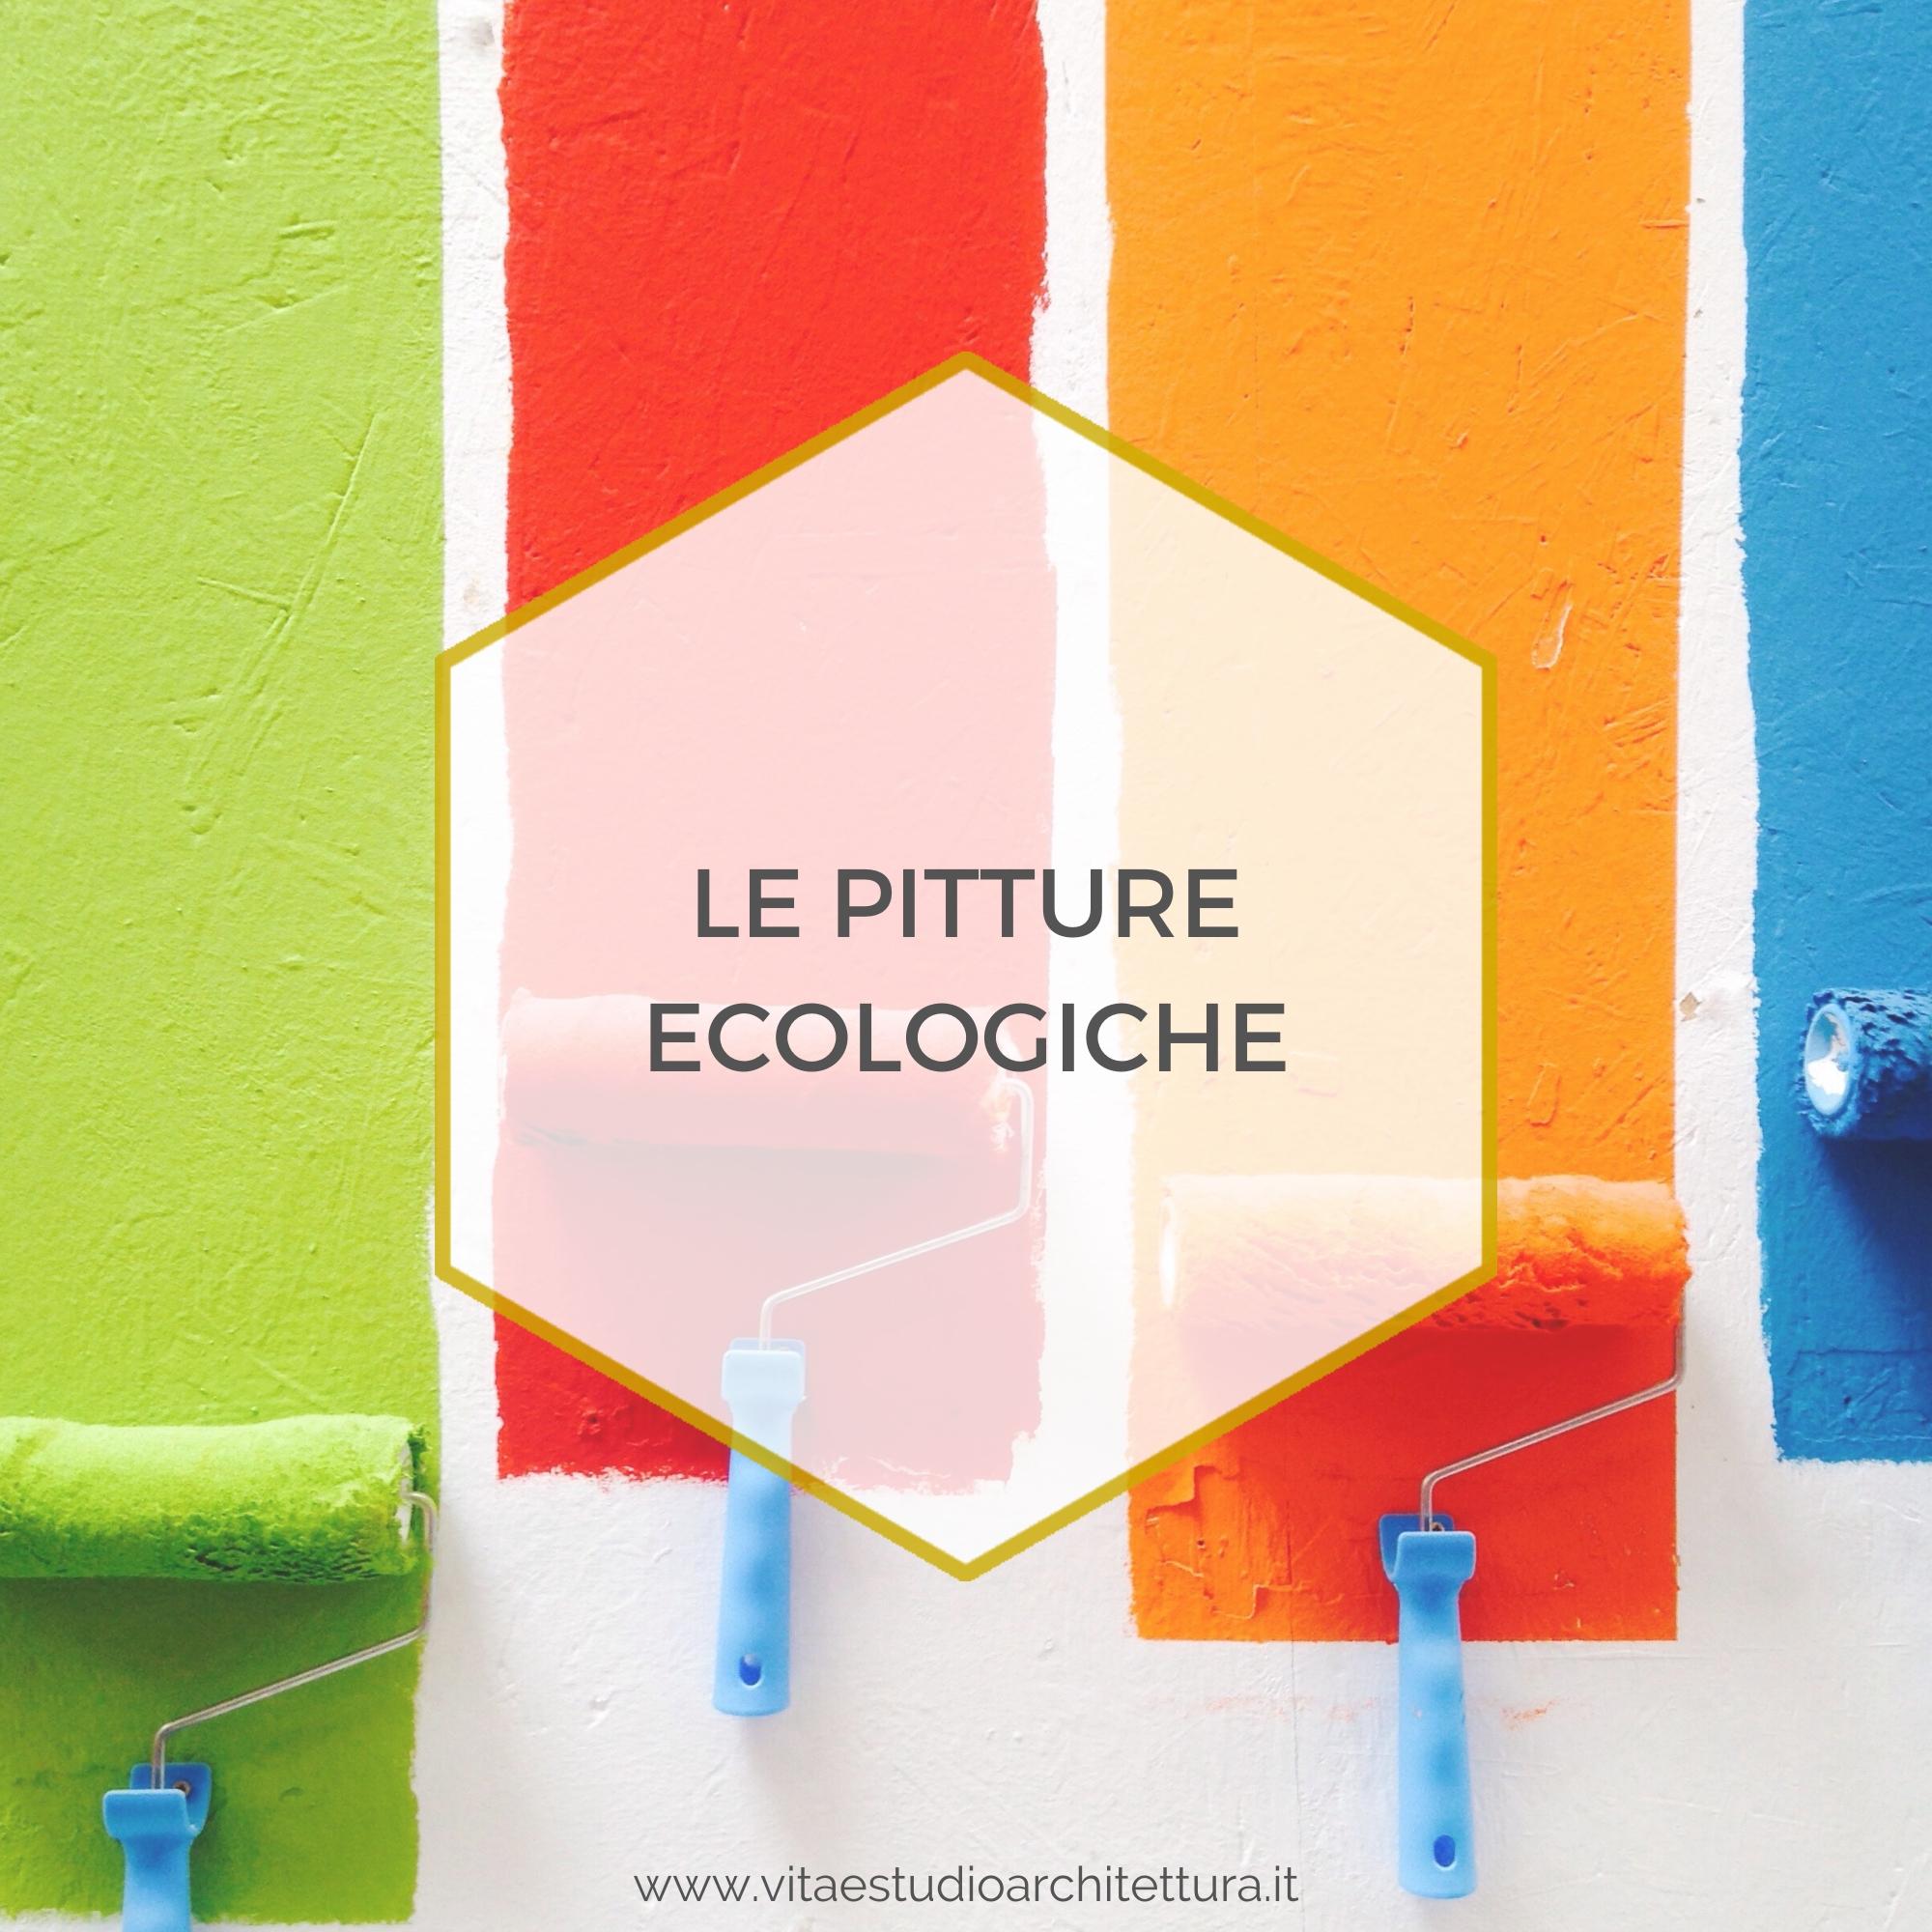 Migliore Pittura Per Interni le pitture ecologiche